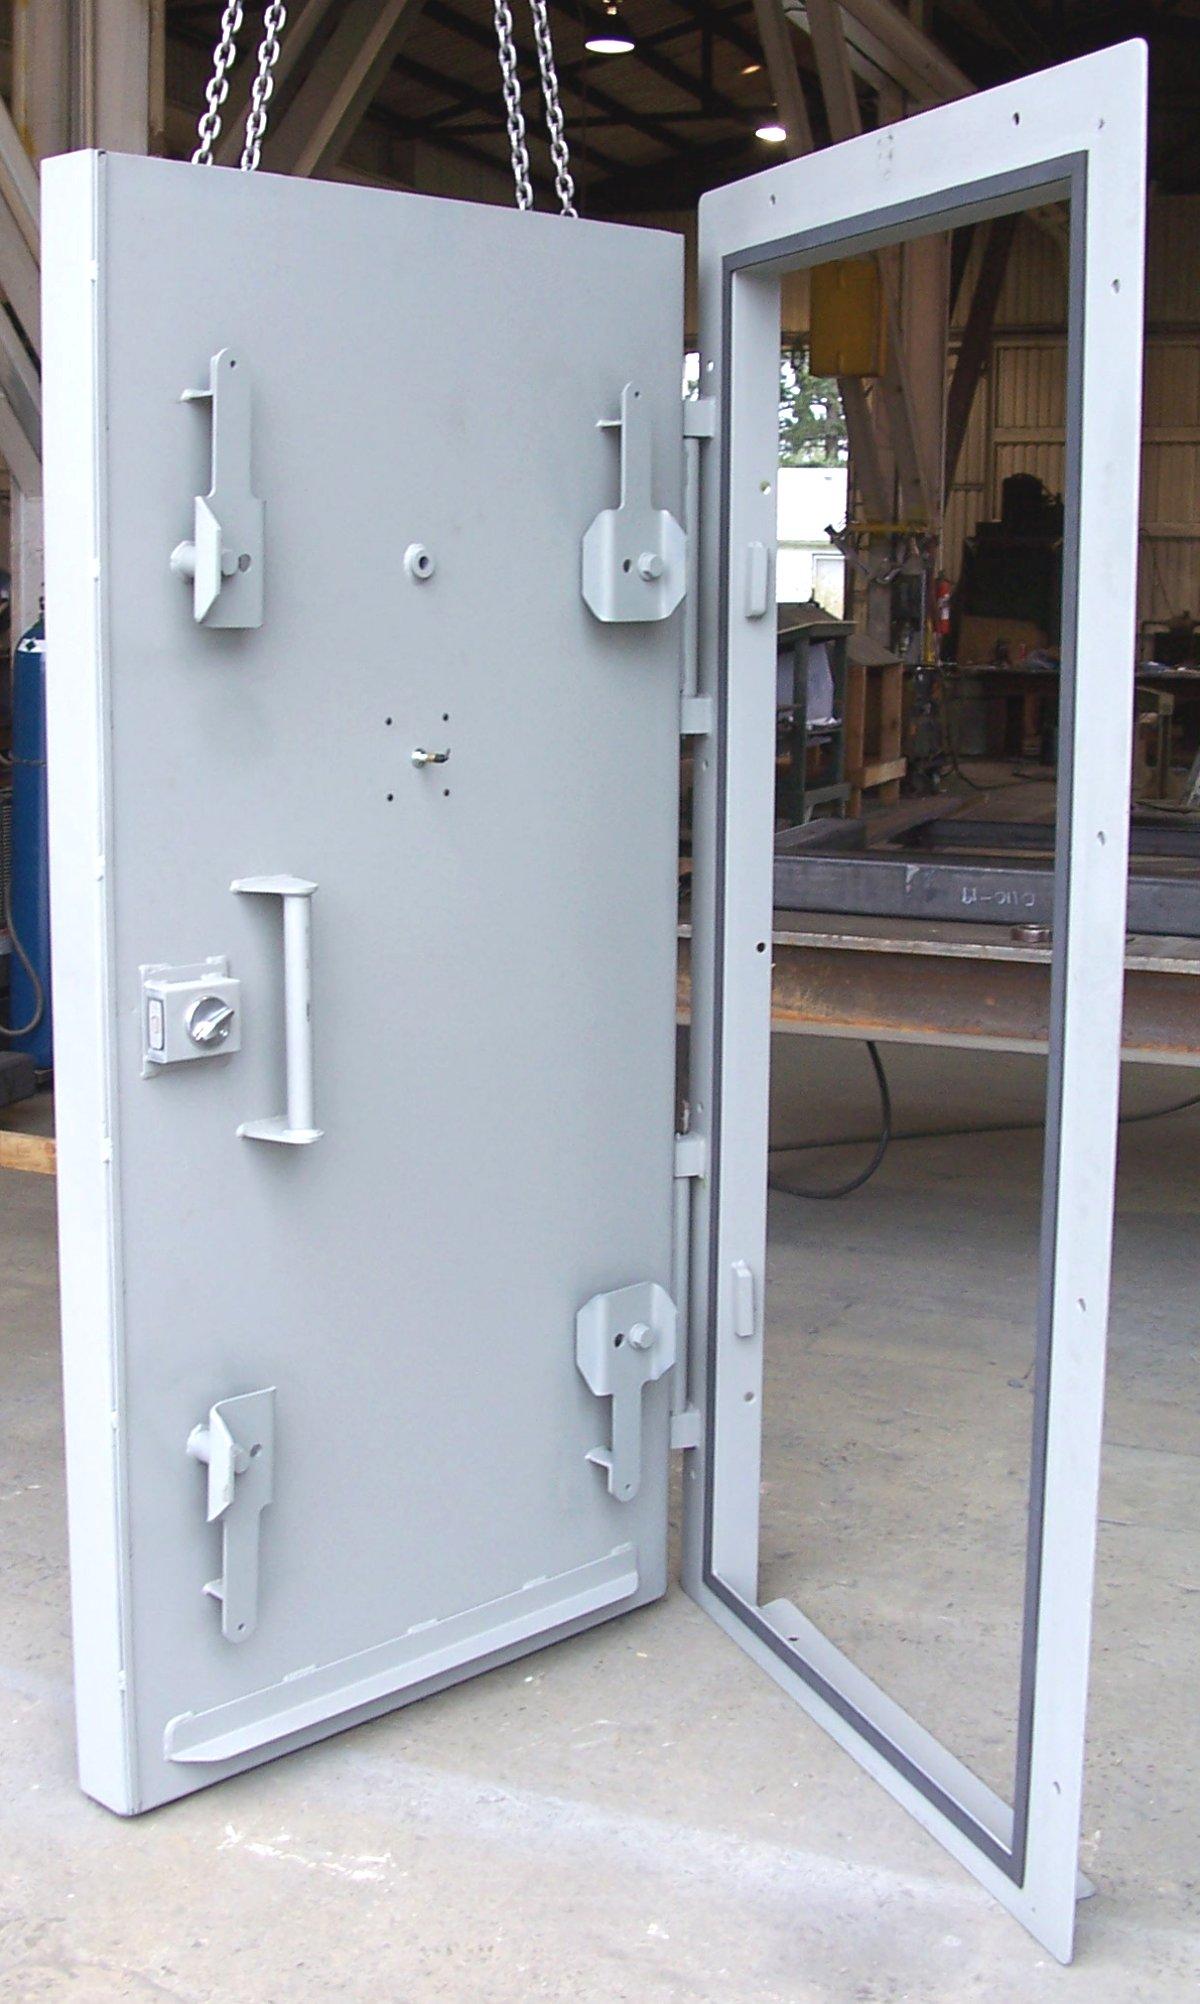 Blast Resistant Doors For Underground Bunkers